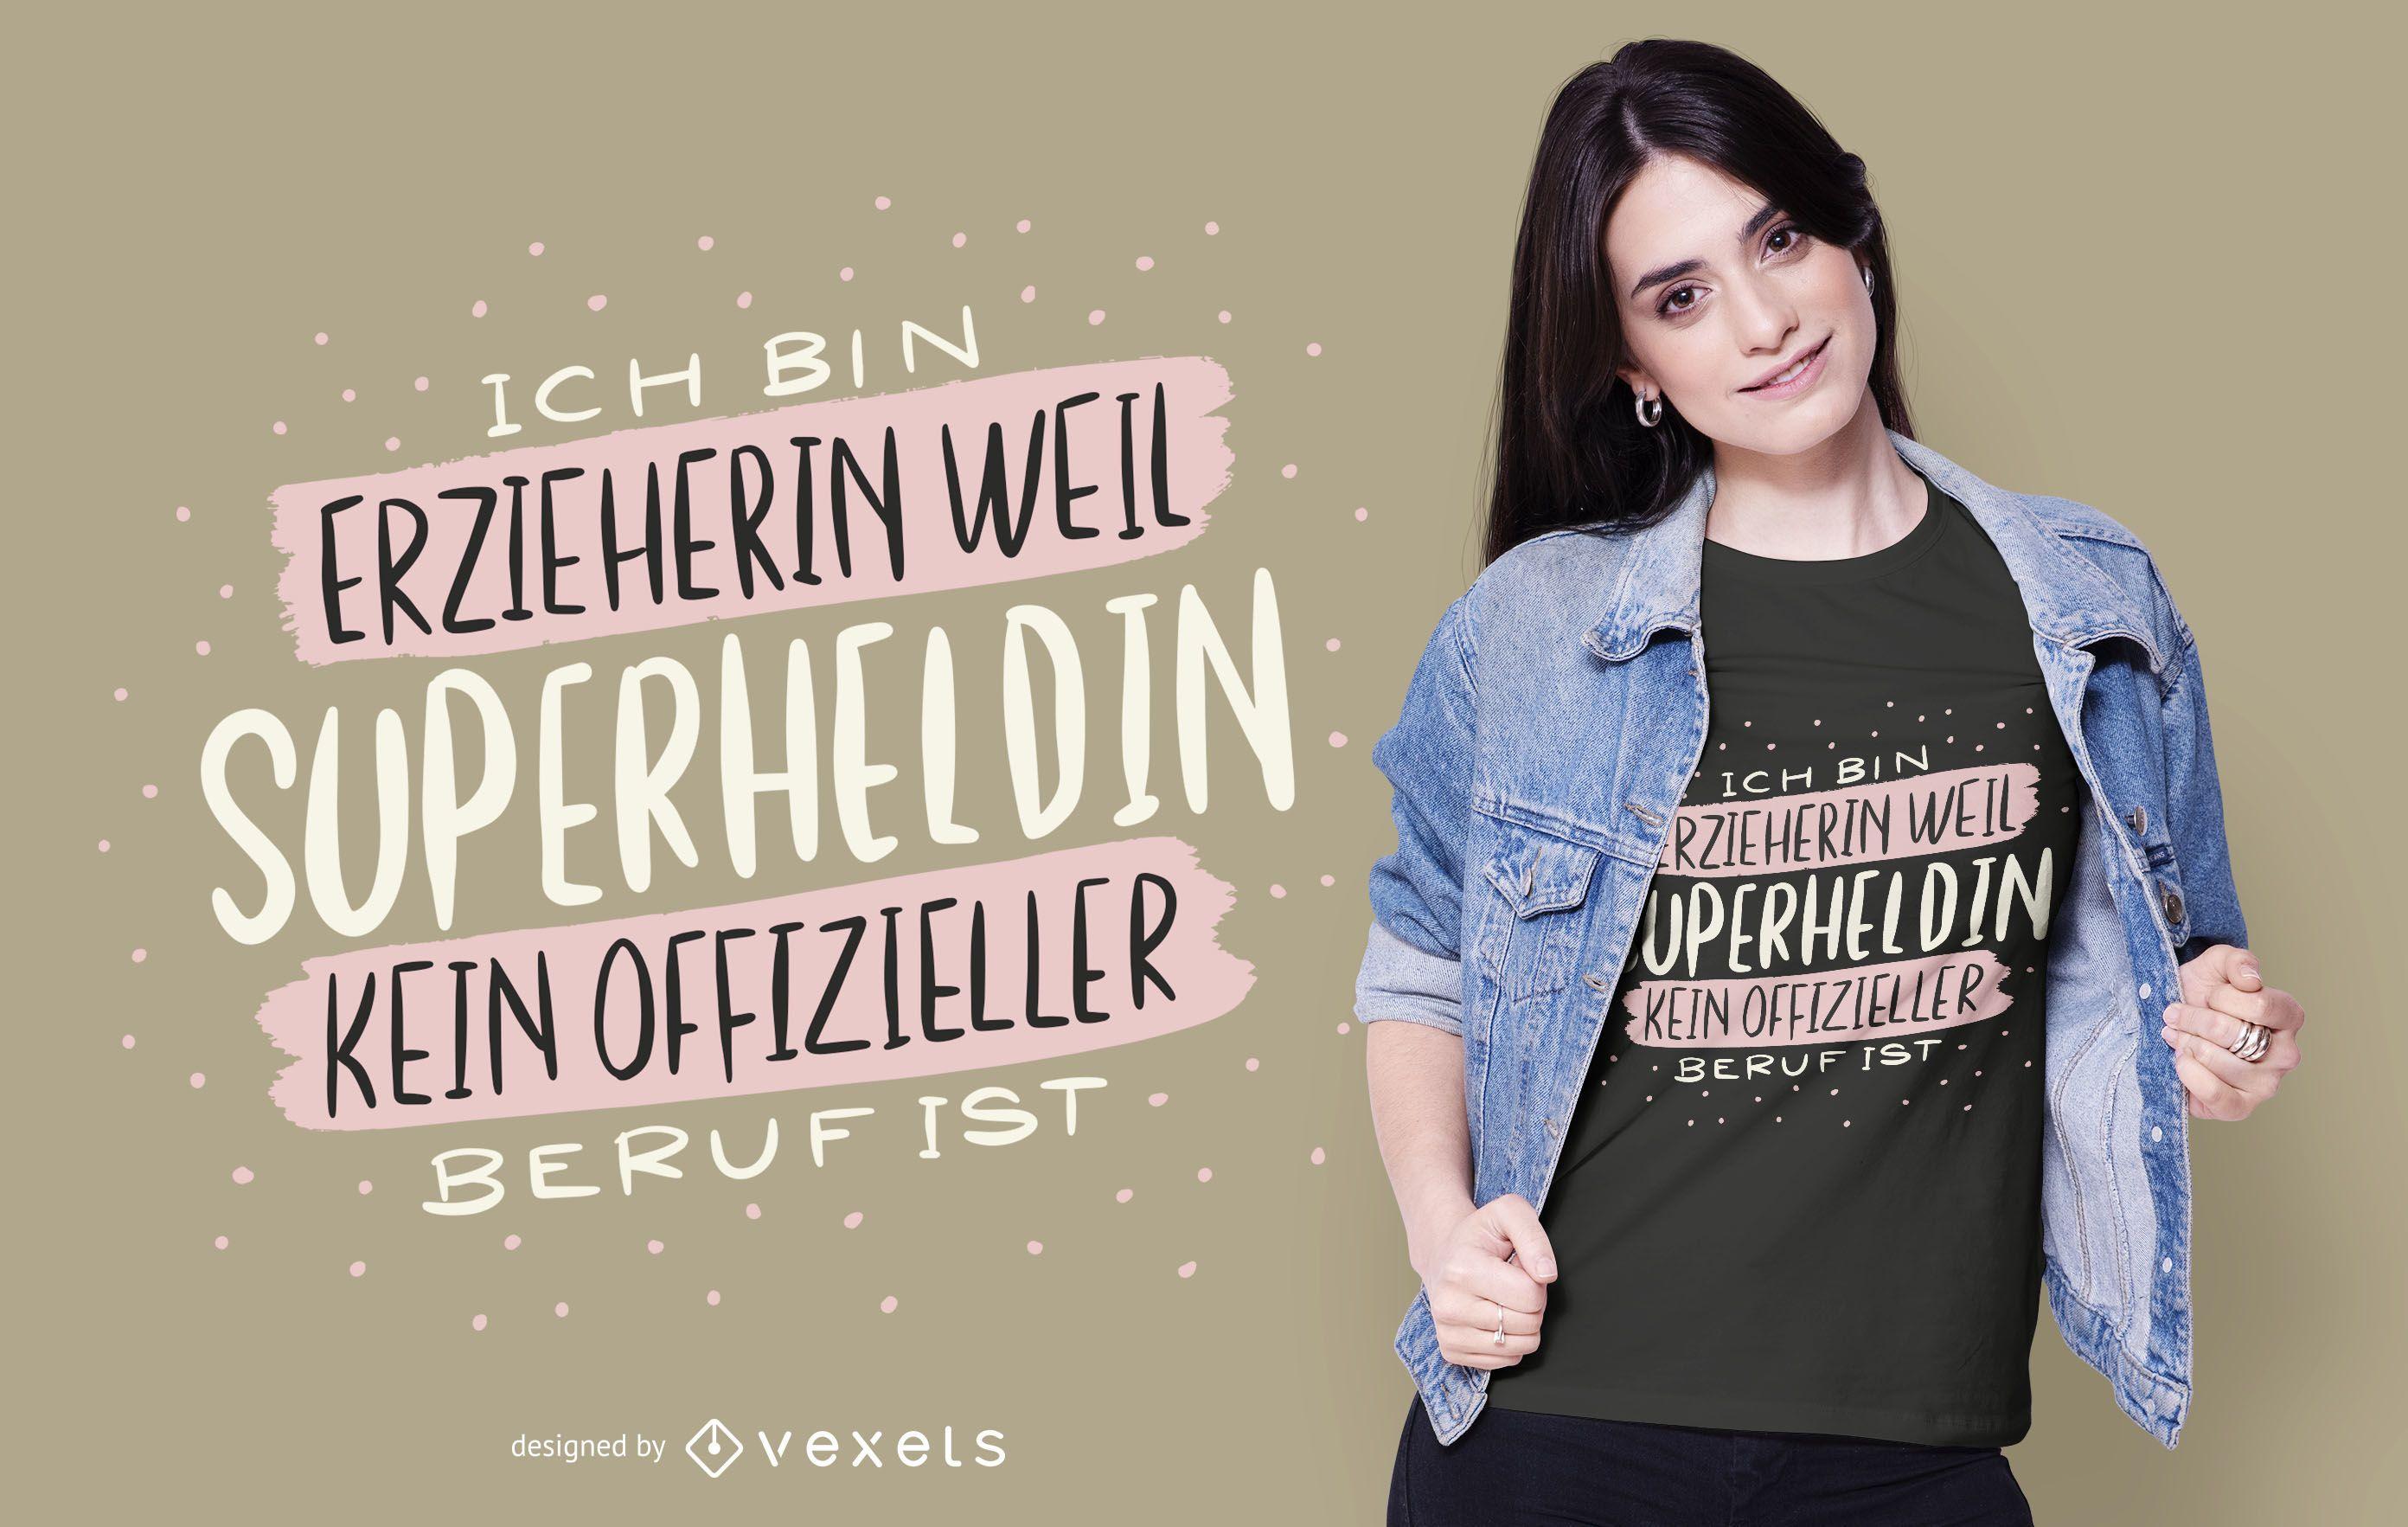 Superhero Educator German Quote T-shirt Design